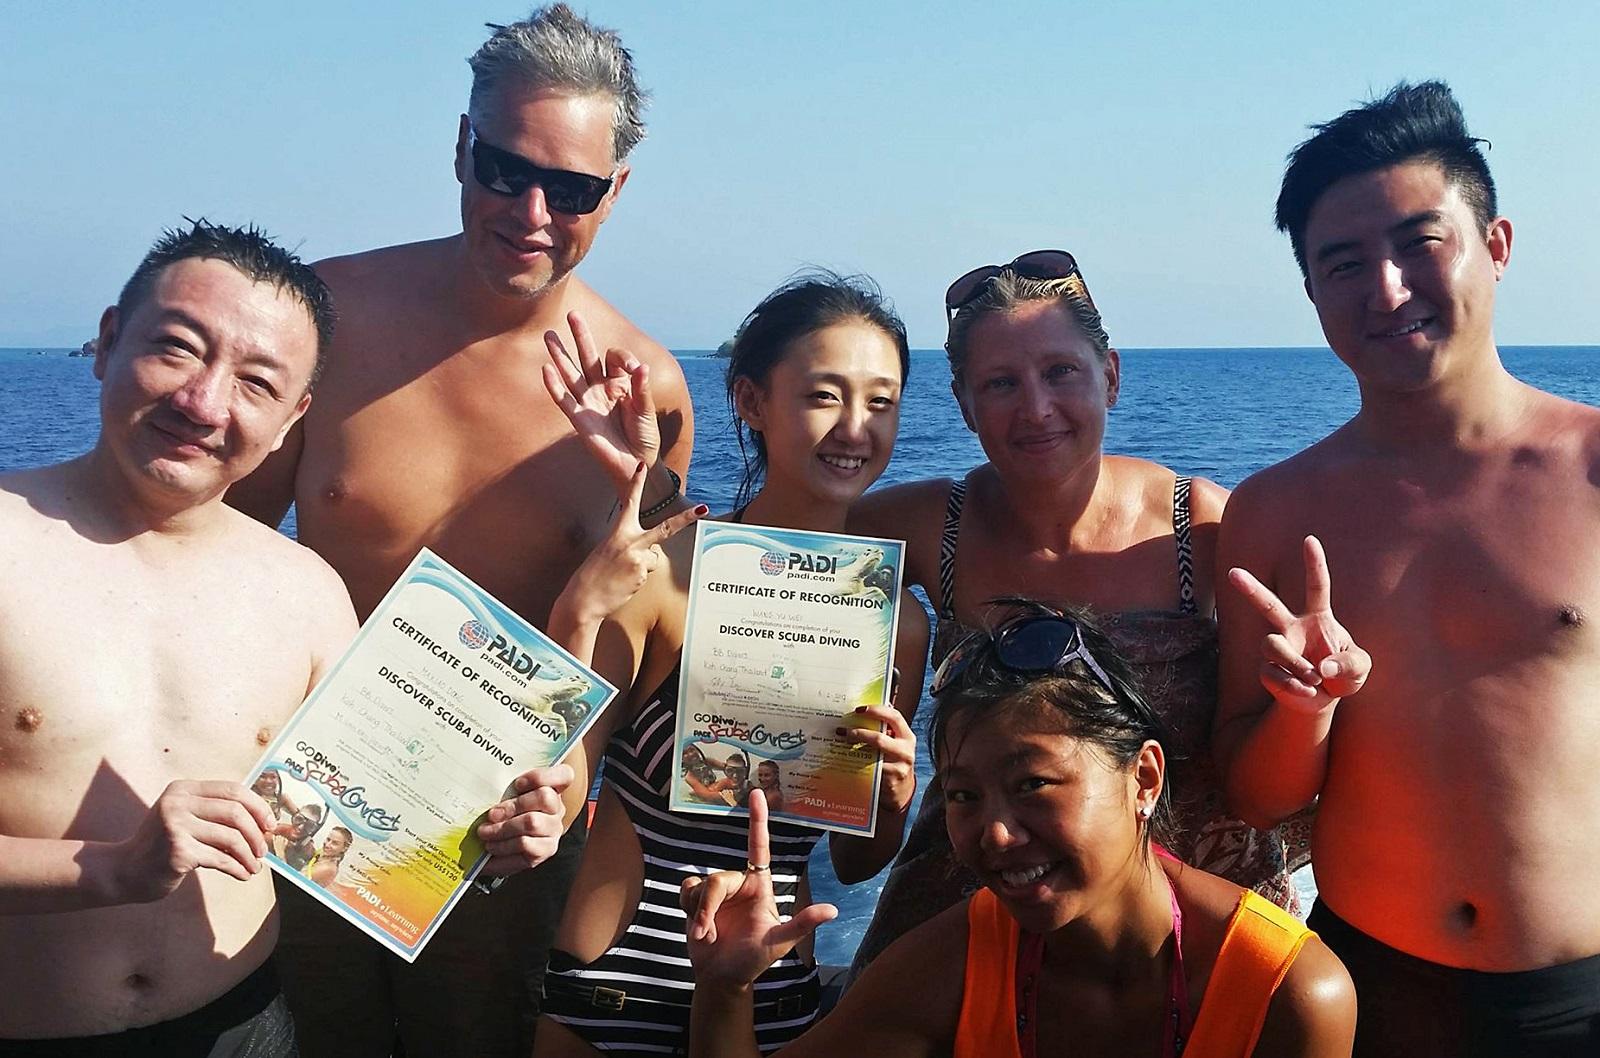 dsd-discover-scuba-diving